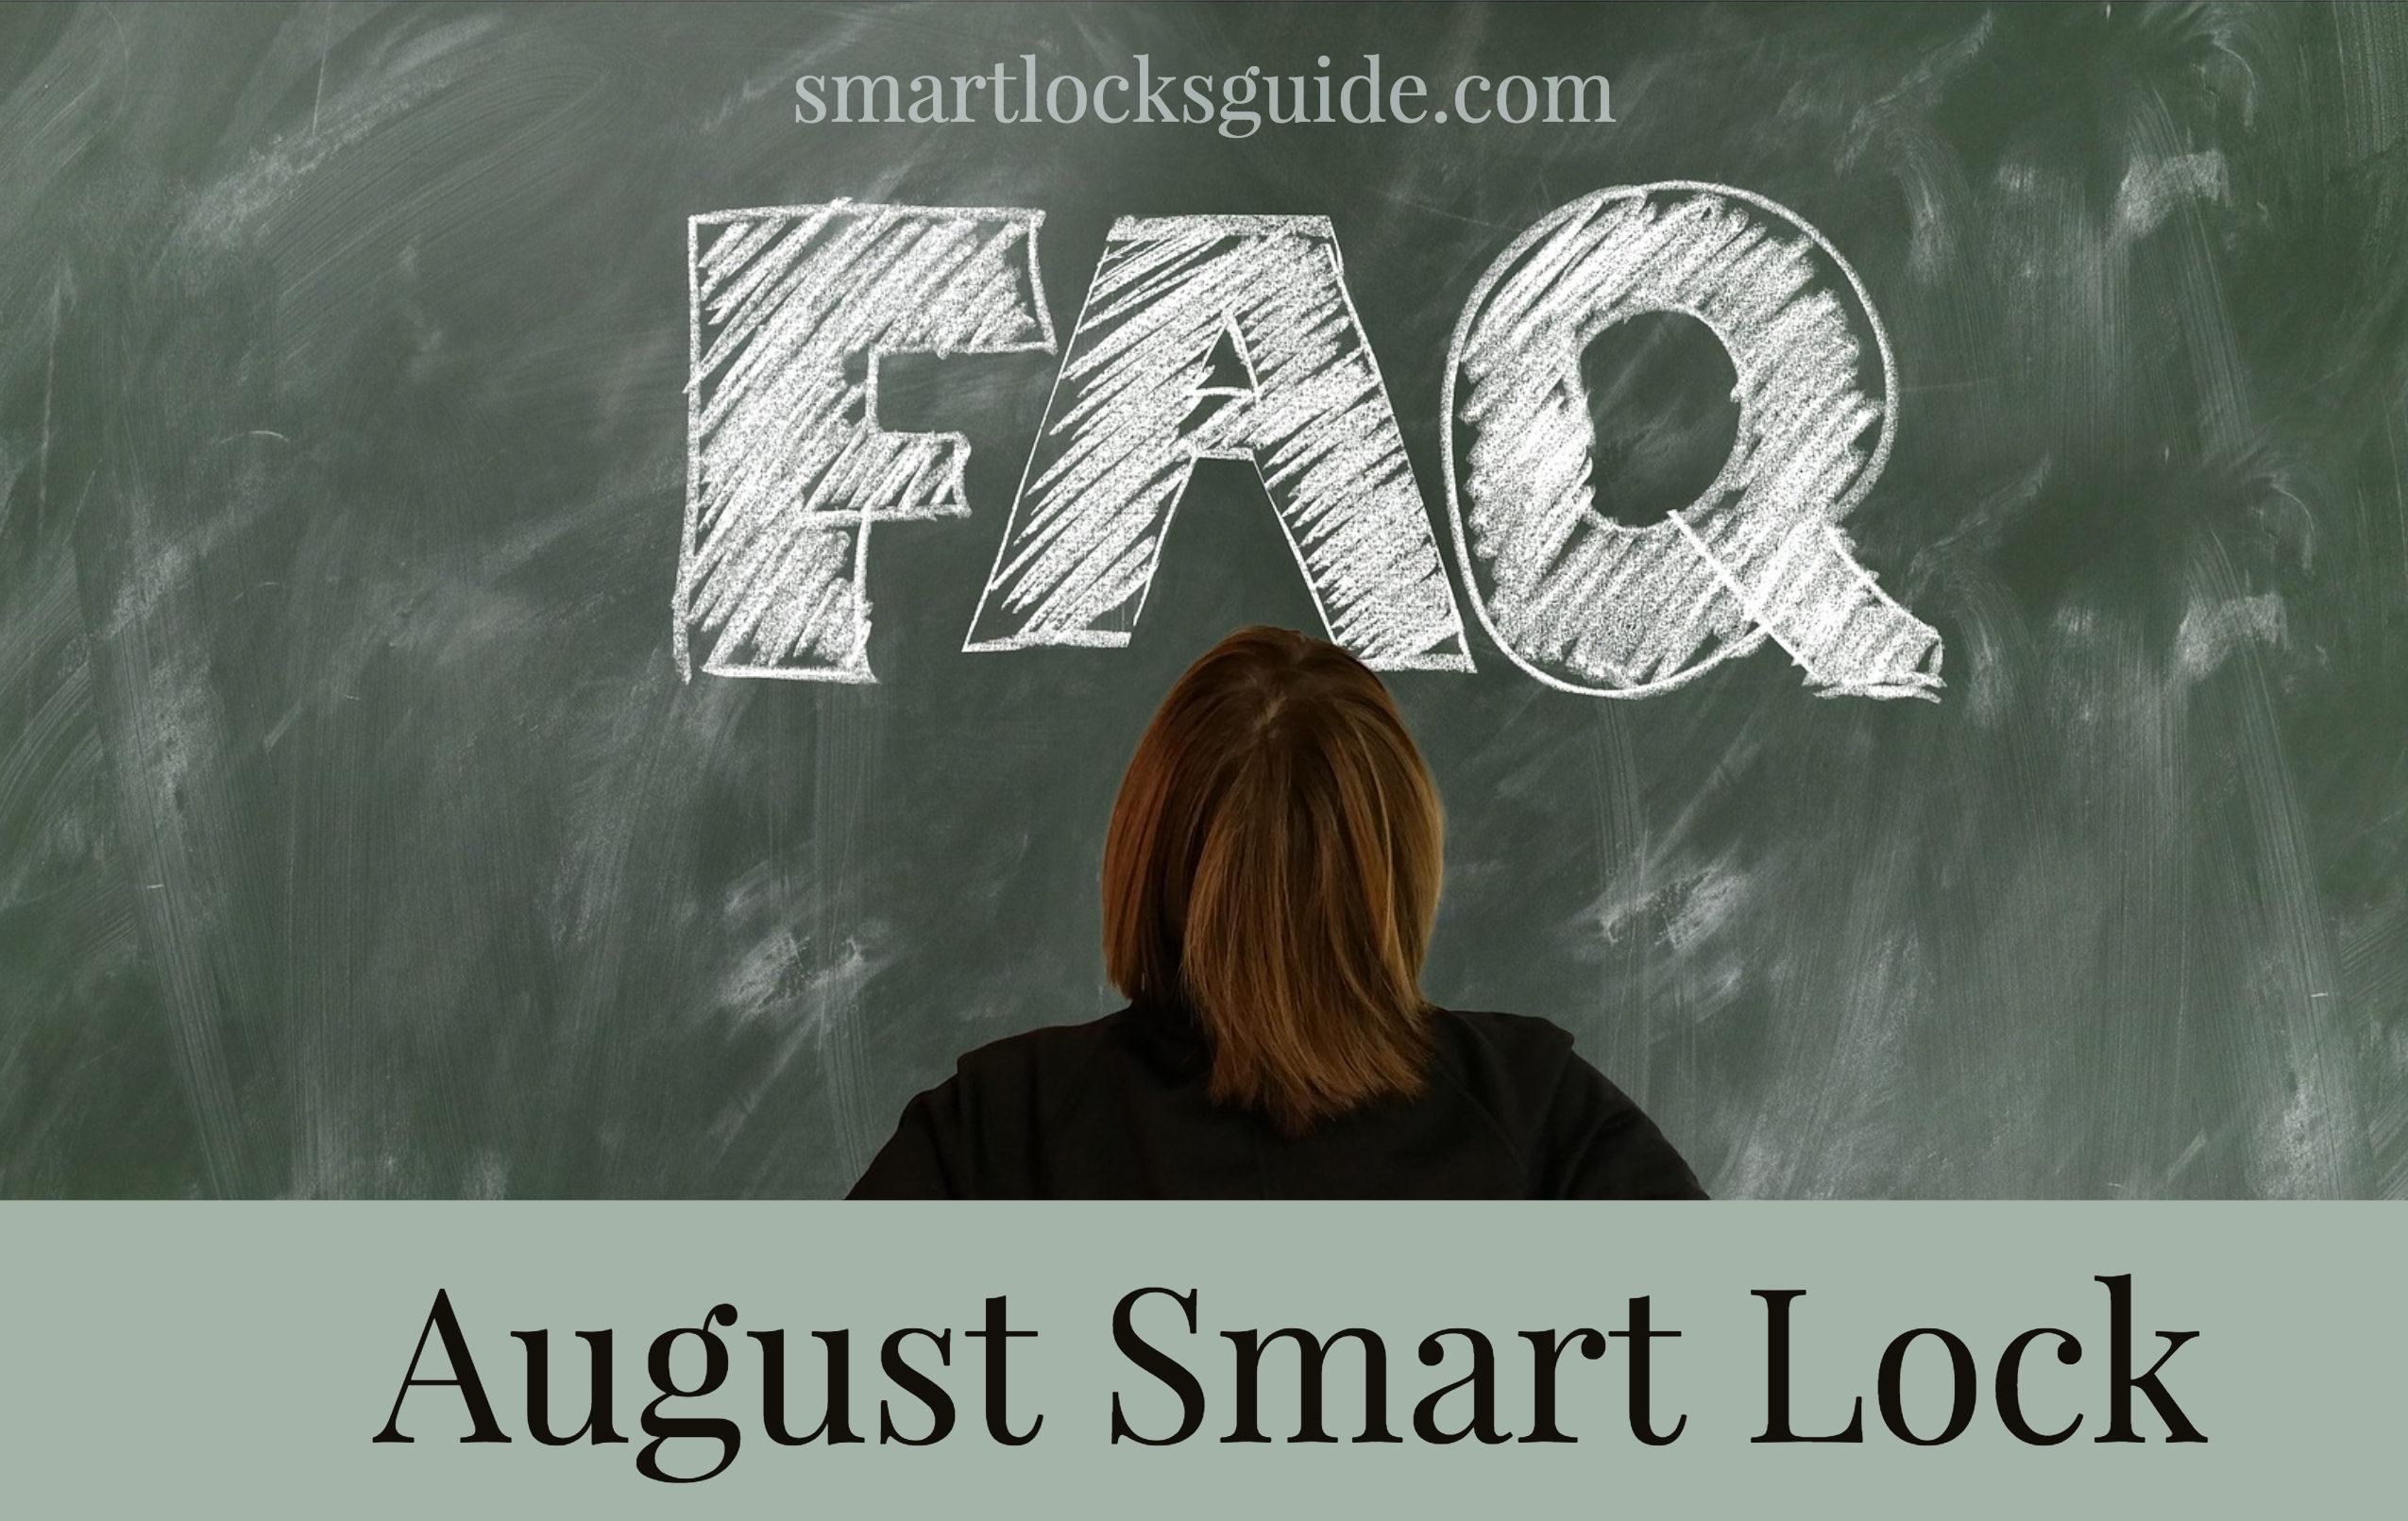 August Smart Lock FAQ